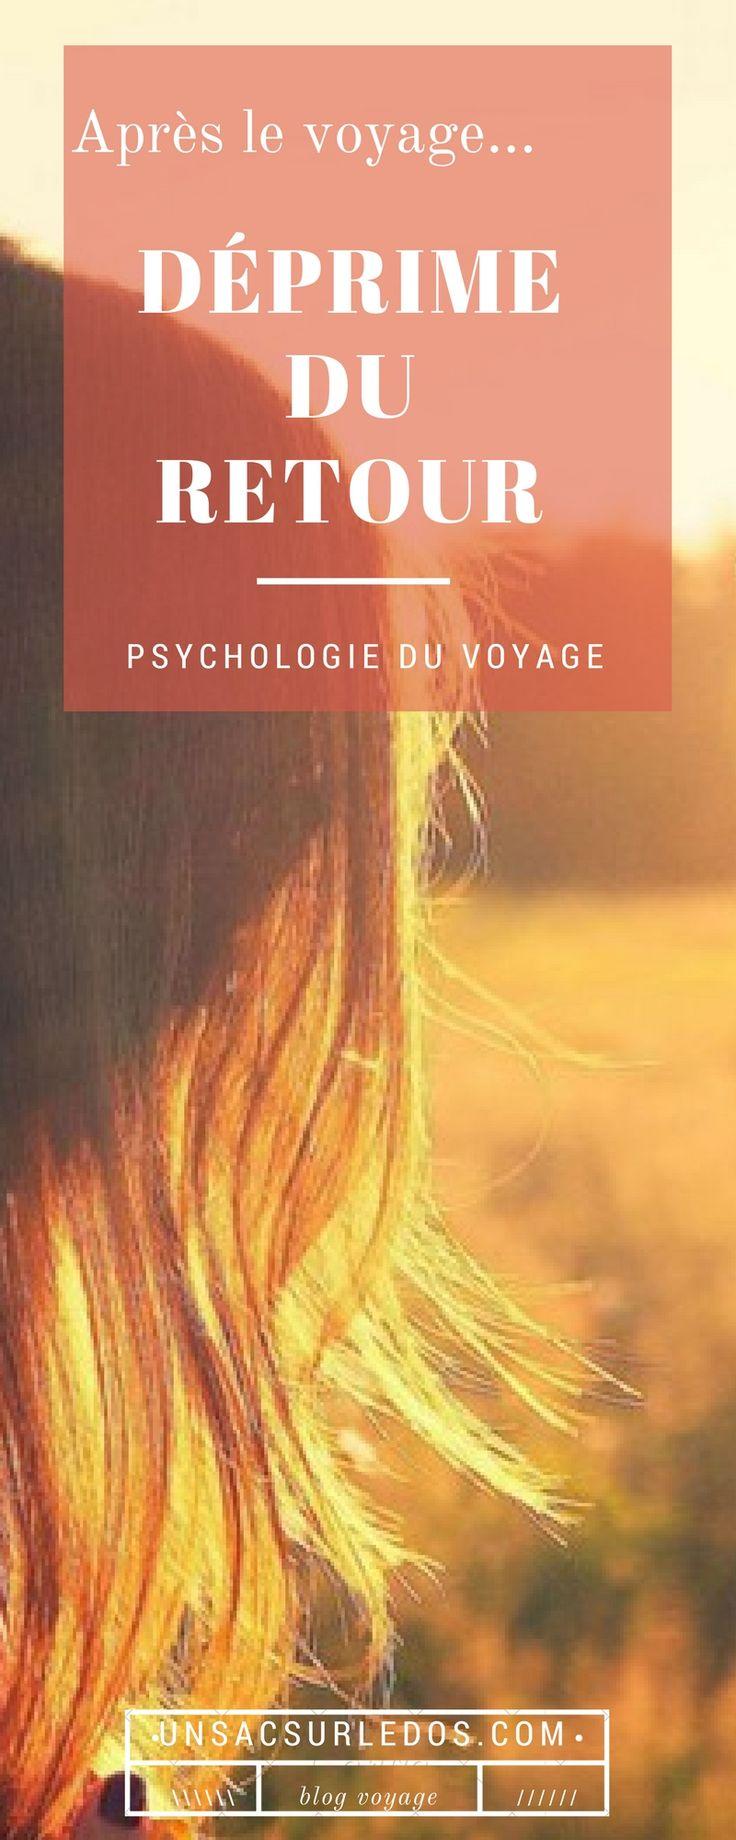 Déprime du retour de voyage : un sujet sérieux dont on ne parle pas assez, et qui touche pourtant de nombreux voyageurs ! Difficulté à atterrir, à accepter que les vacances sont finies, que la liberté de la vie nomade est à troquer contre la routine de la vie sédentaire… Pourquoi souffrons-nous de cette déprime du retour ? Point de vue d'une psychologue. -- psychologie du voyage, coaching, développement personnel, coach de vie, life coach, tristesse, blues, dépression